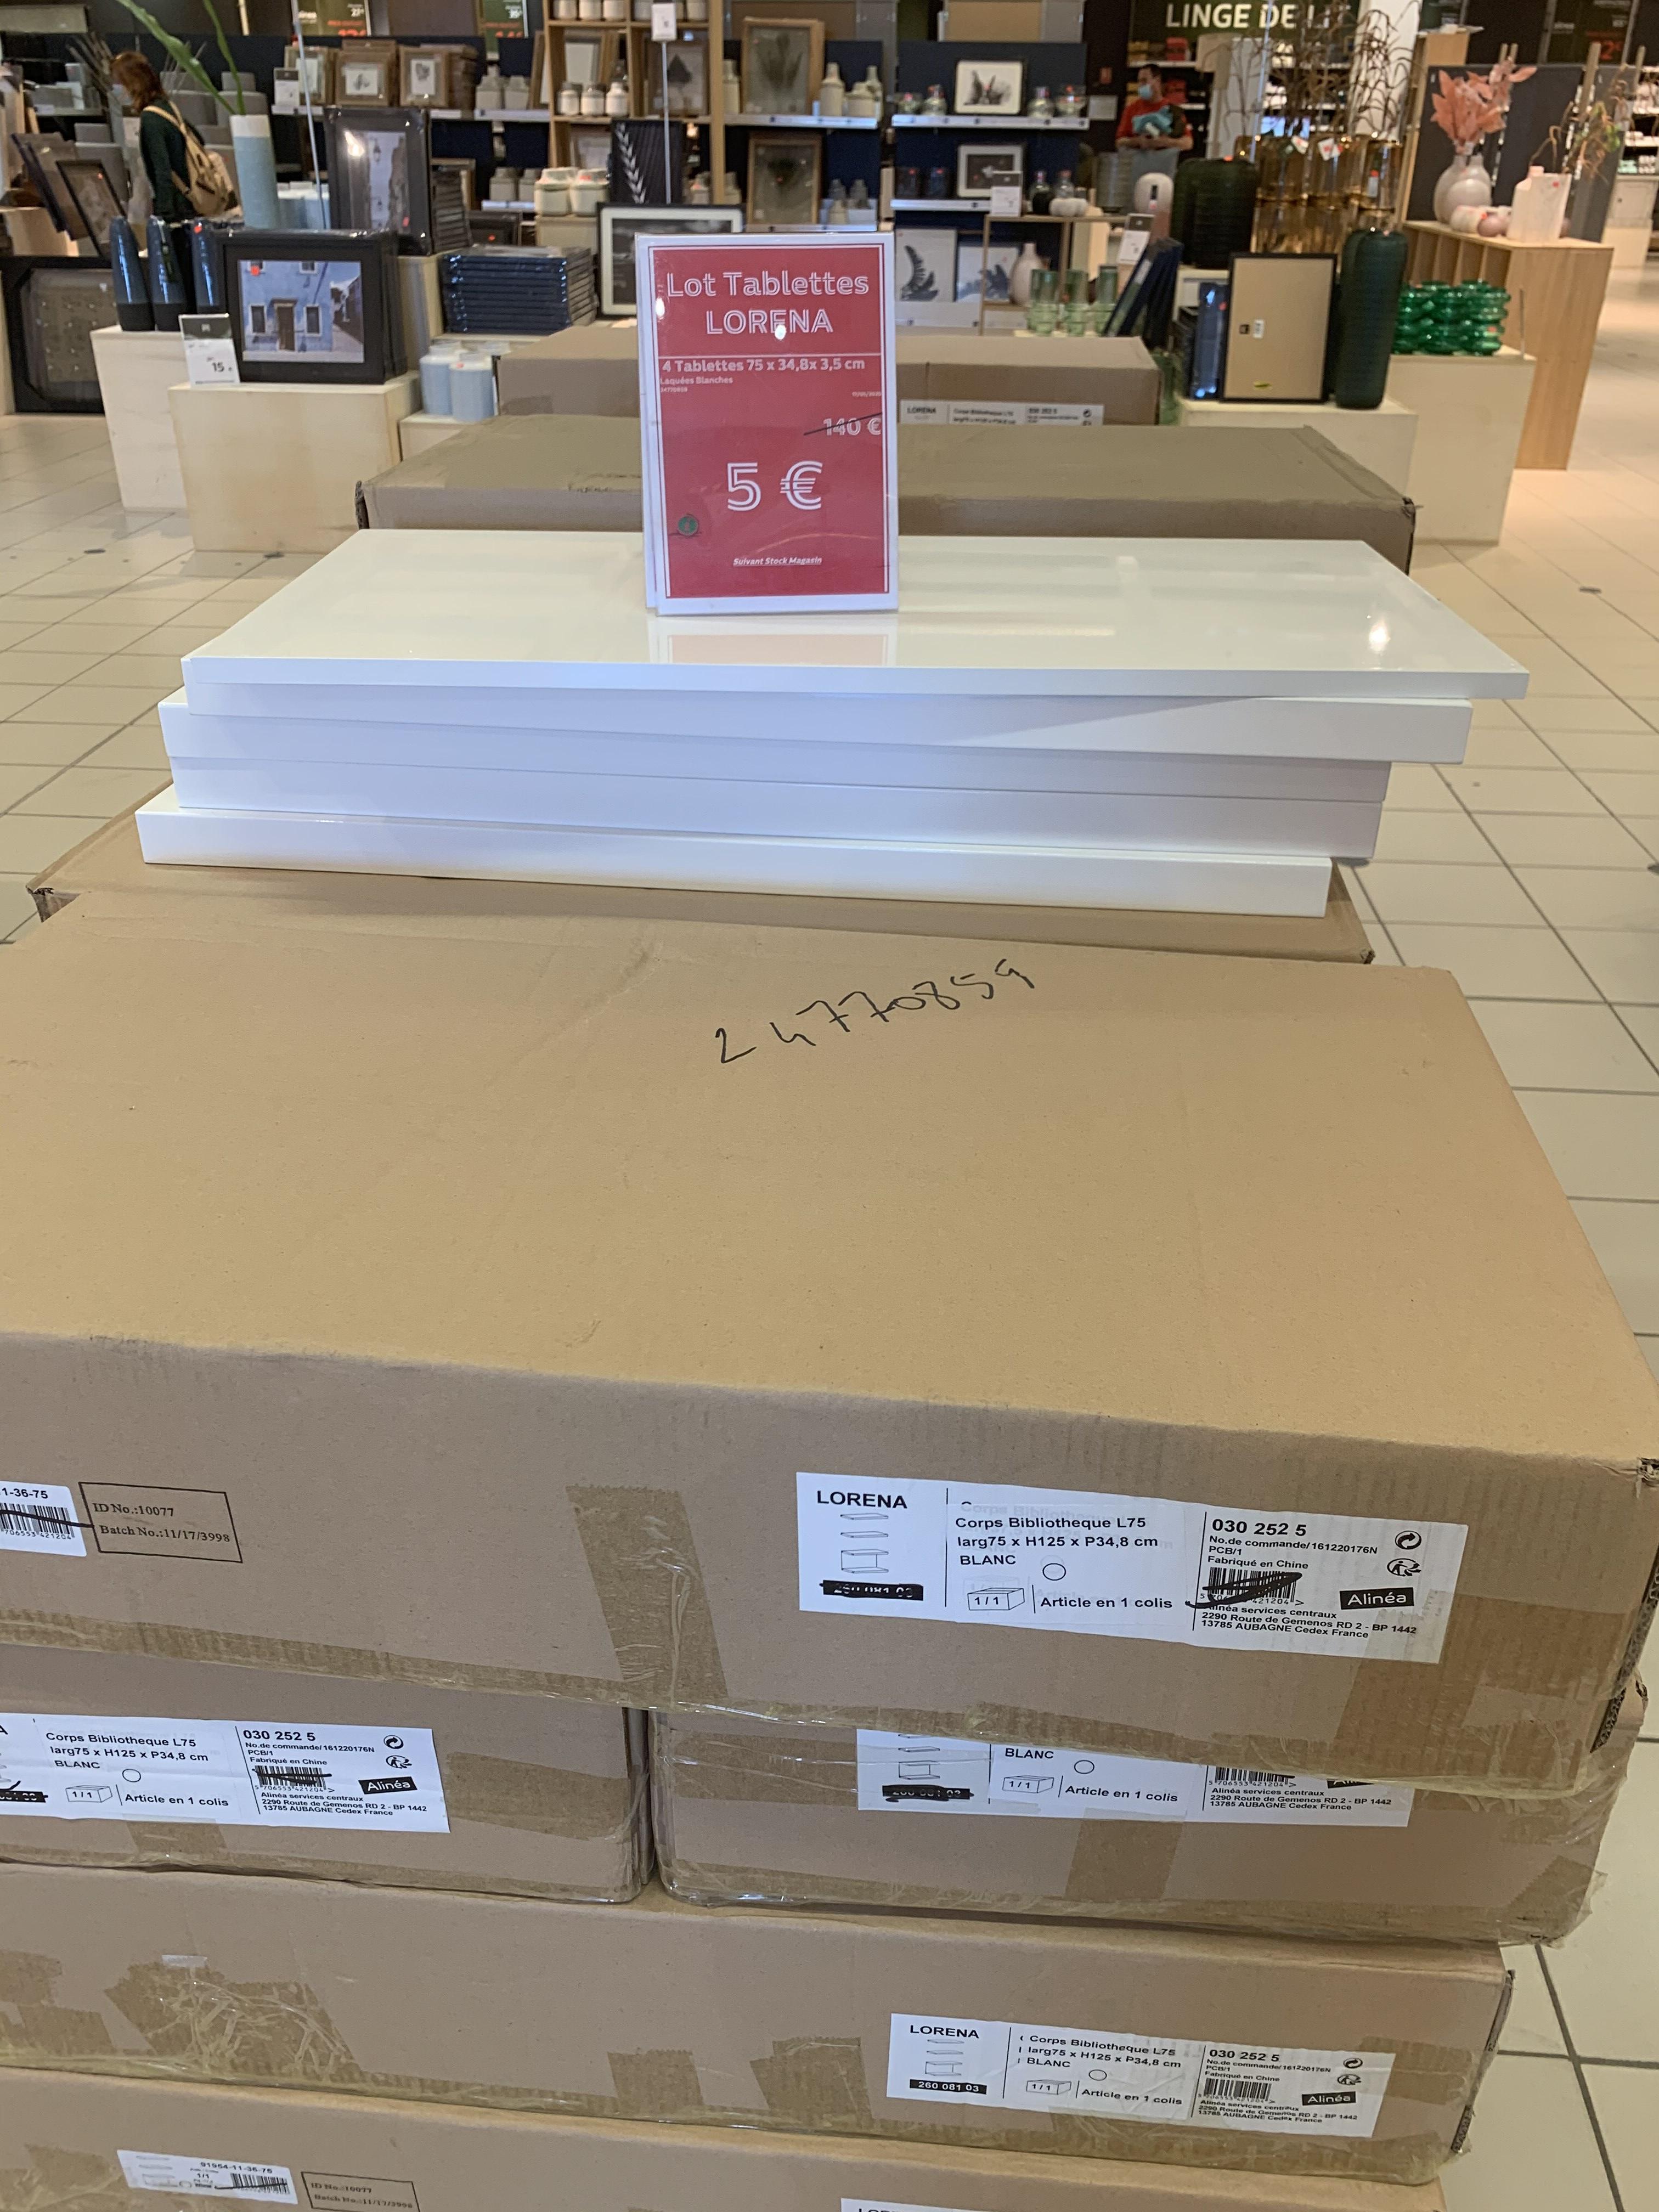 Lot de 4 Tablettes corps de bibliothèque Lorena - Villeparisis (77)